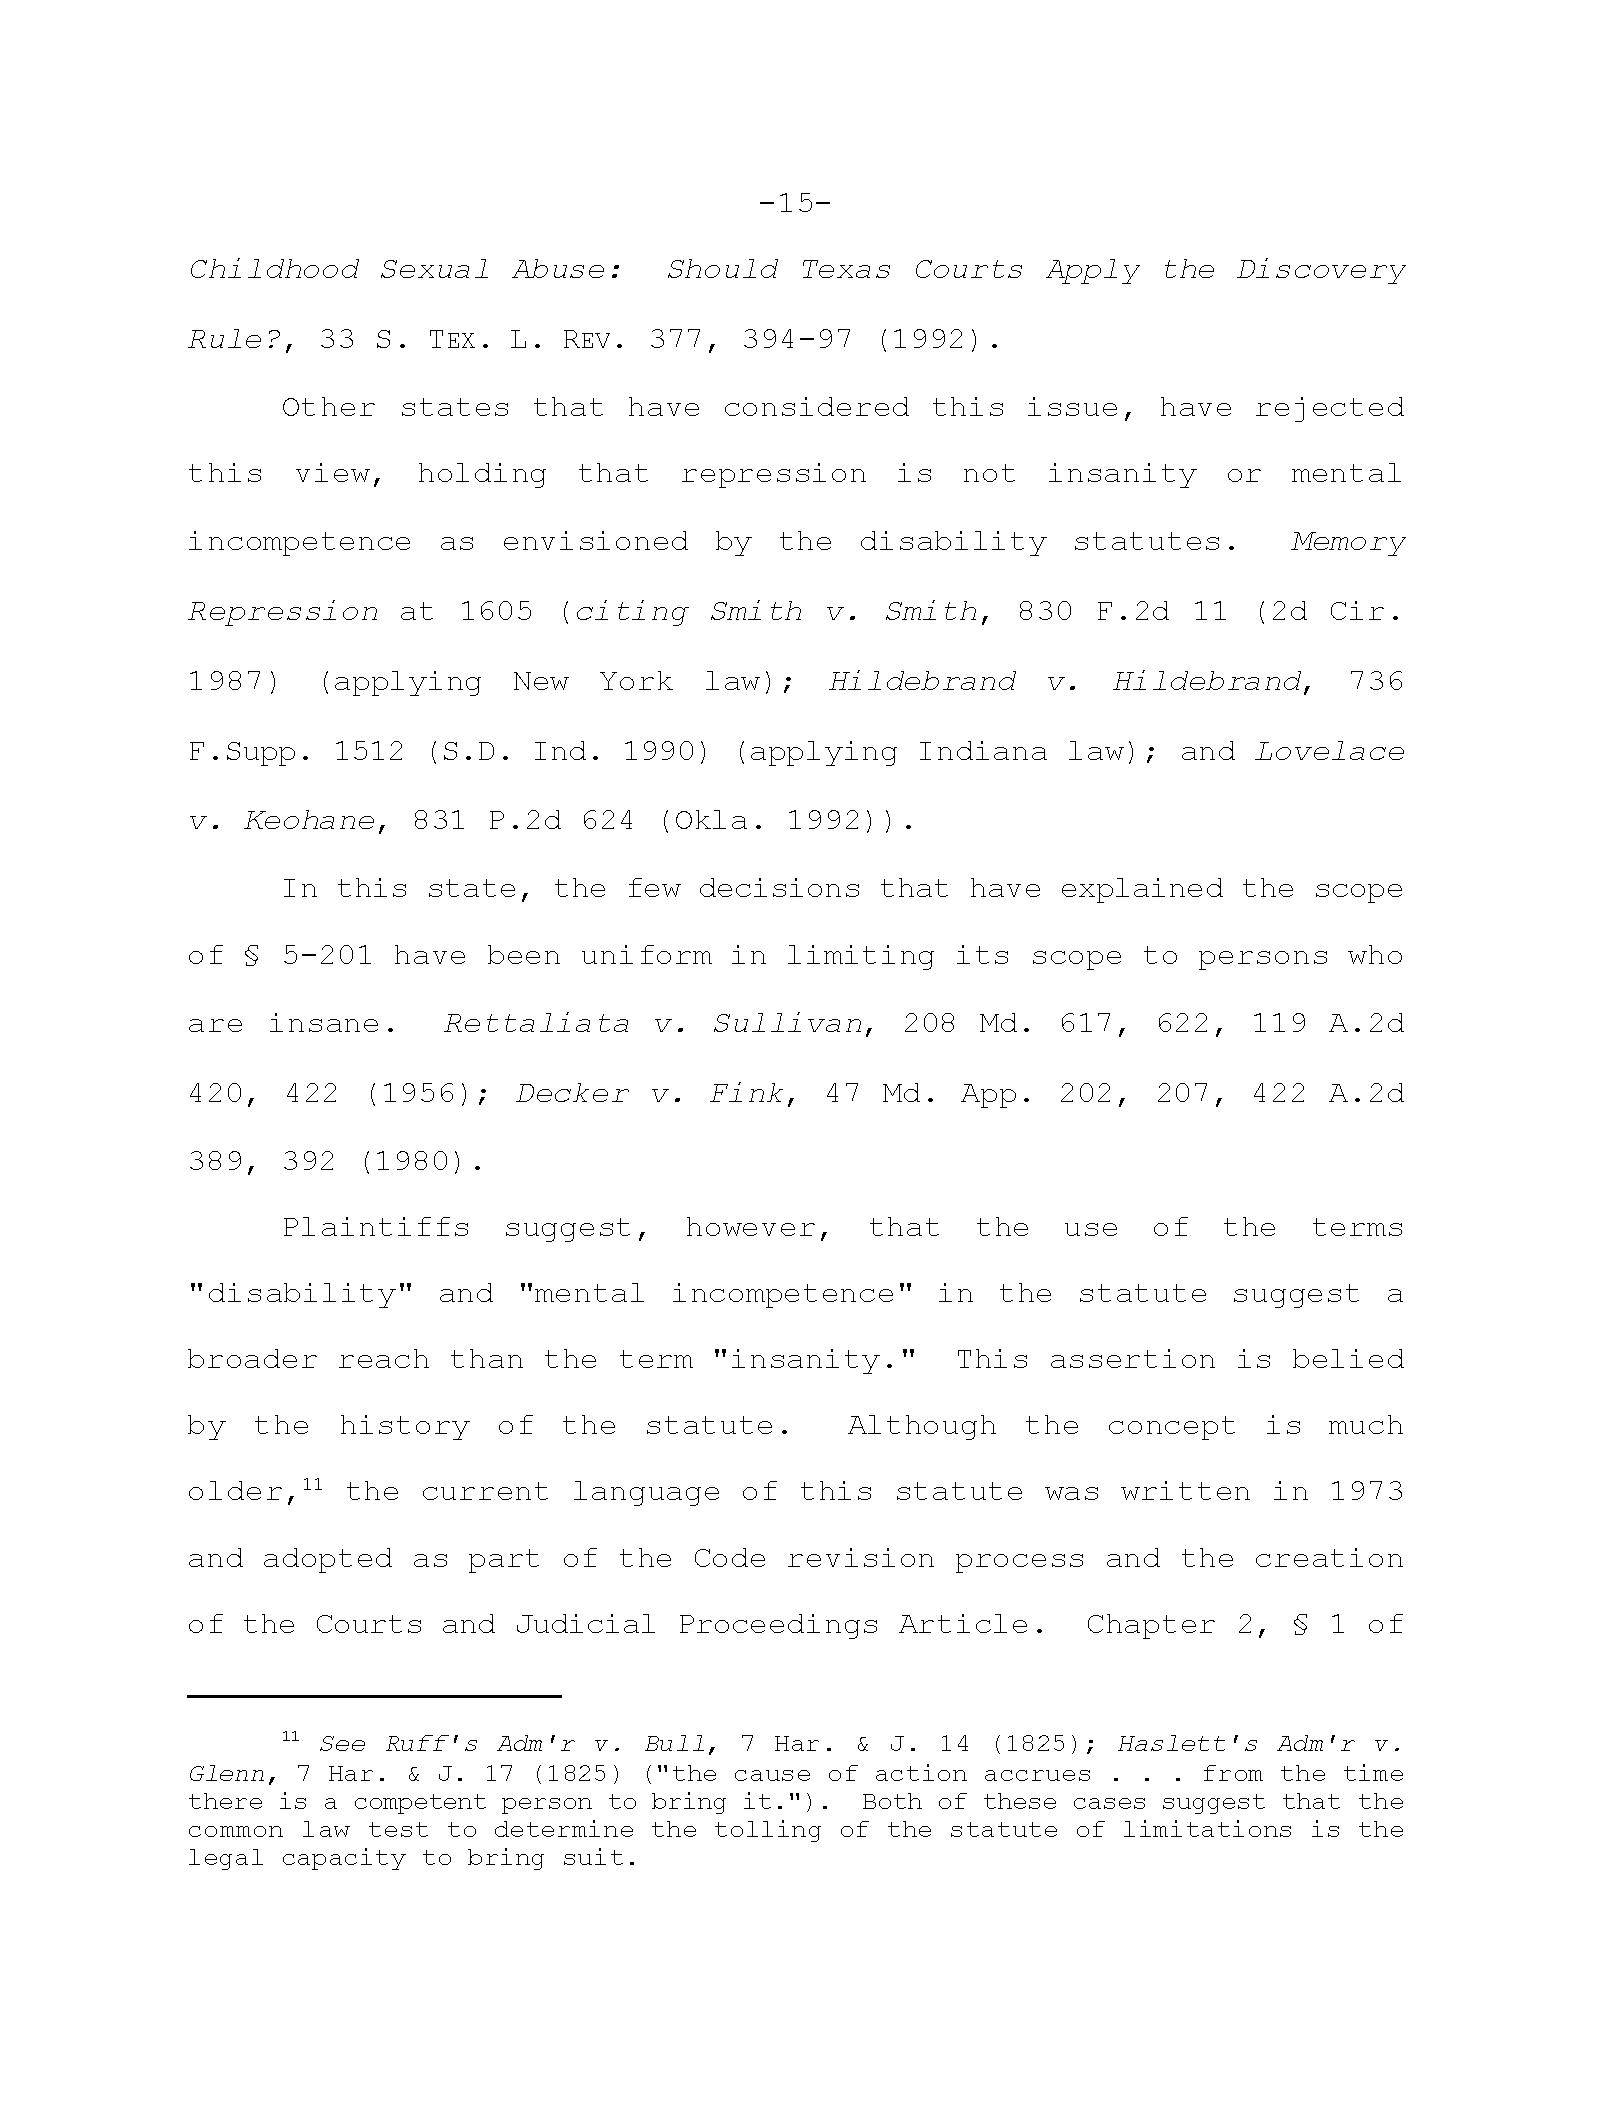 Copy of doe-v-maskelll17.png